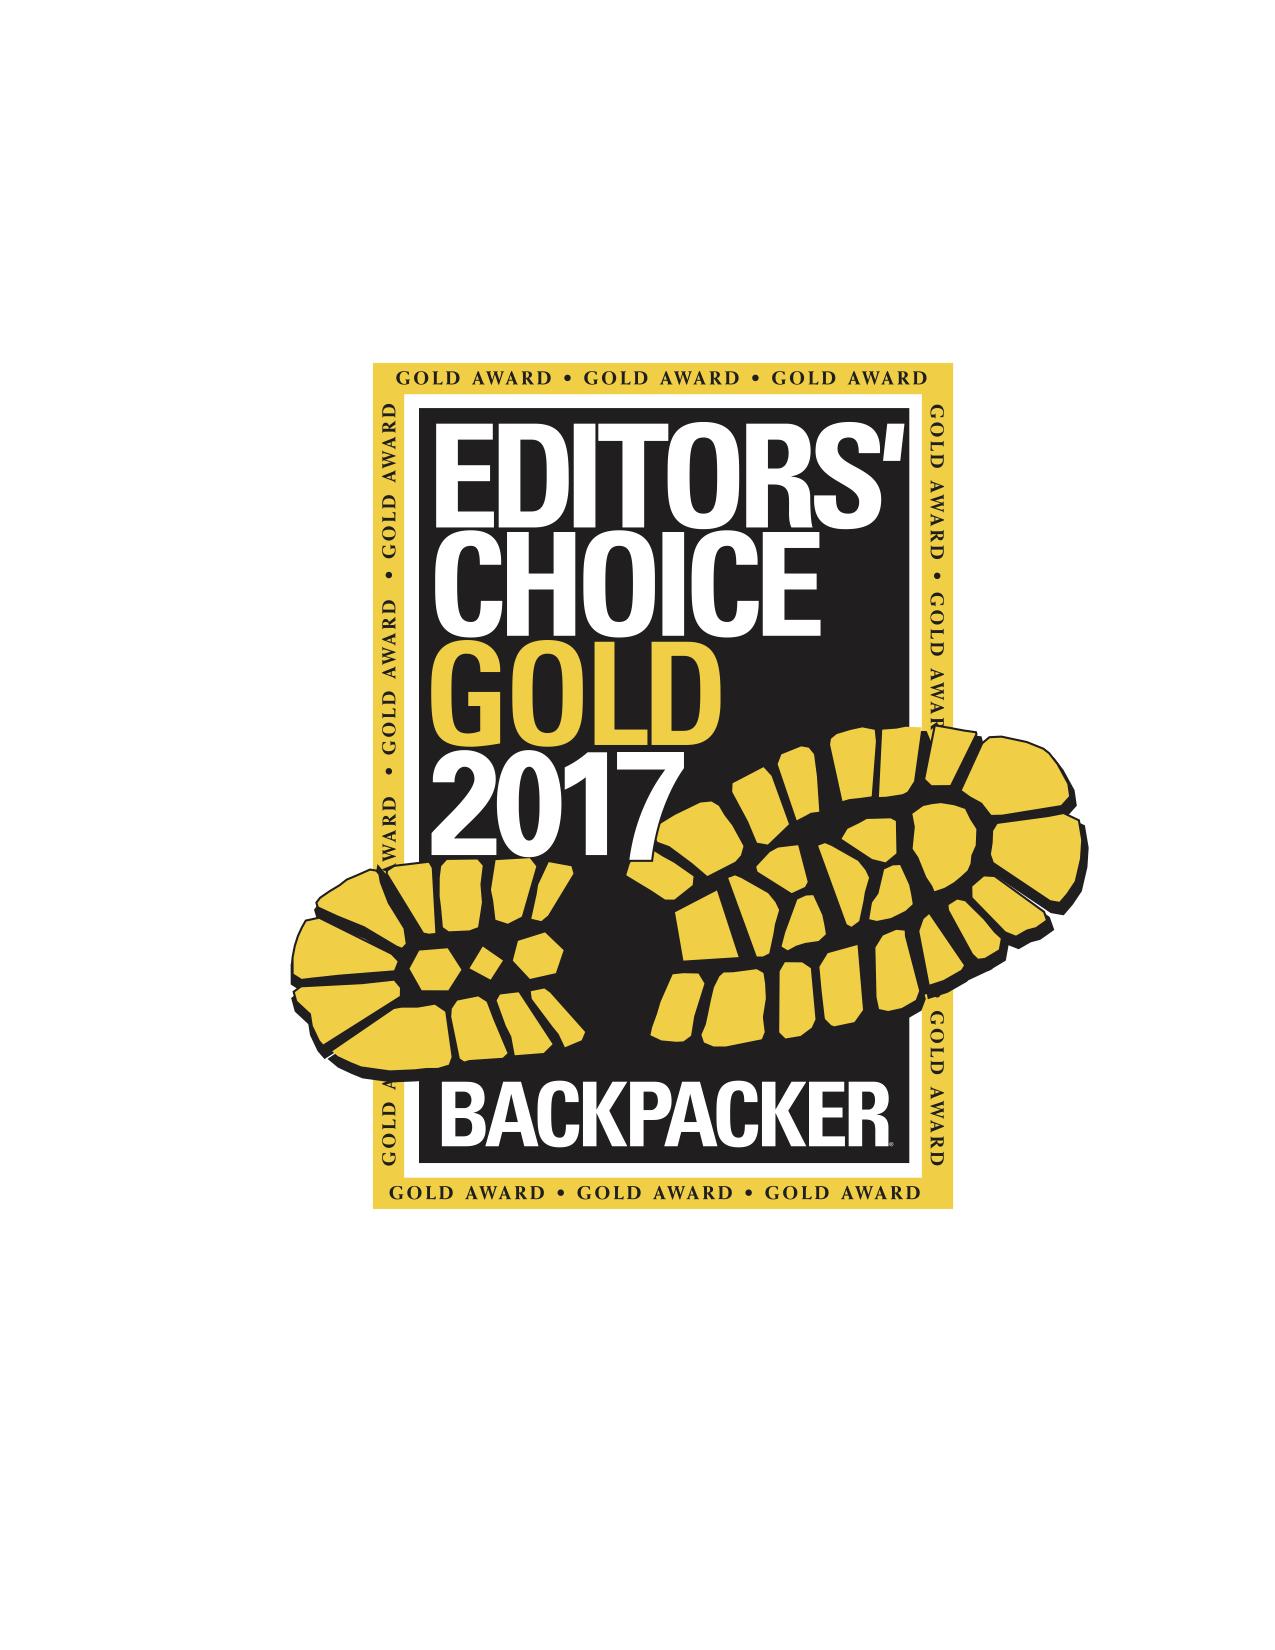 Backpacker Editor's Choice Award (Gold)